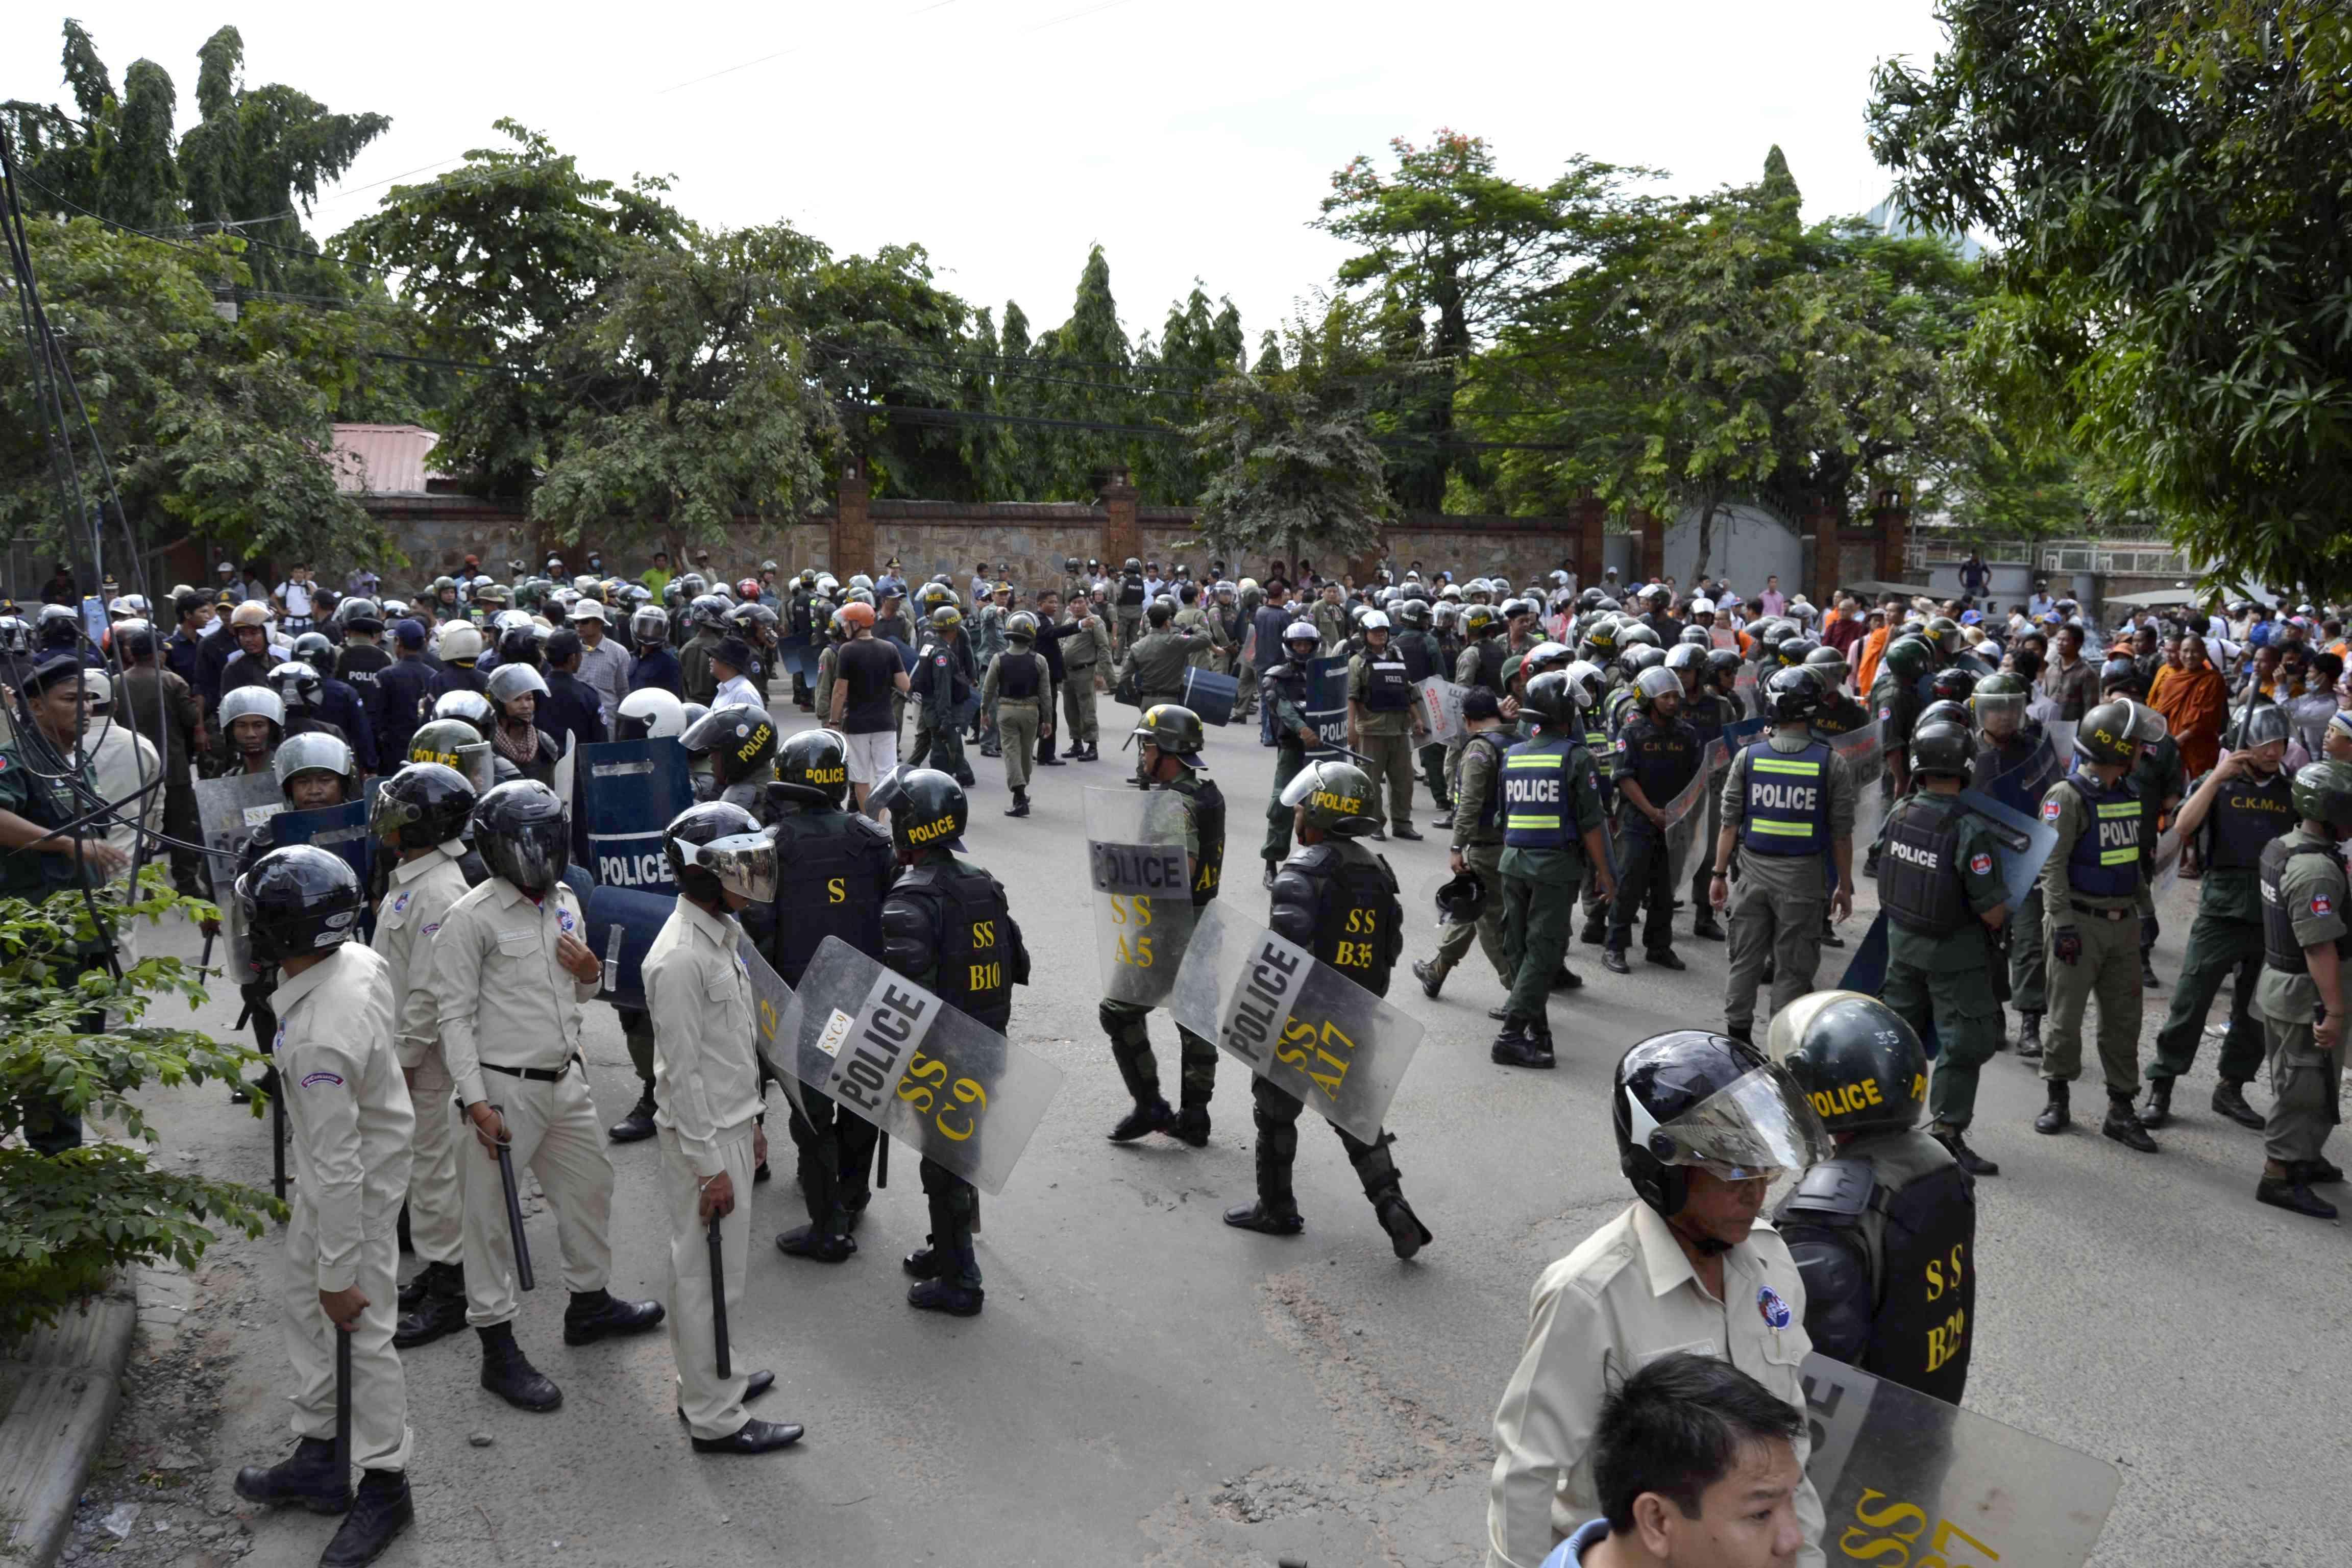 Lực lượng an ninh Campuchia đã giải tán nhà sư và người ủng hộ tổ chức một cuộc biểu tình phản đối Việt Nam trước Ðại sứ quán Việt Nam tại Phnom Penh, ngày 8/7/2014. Ảnh: Son Cheng Chon